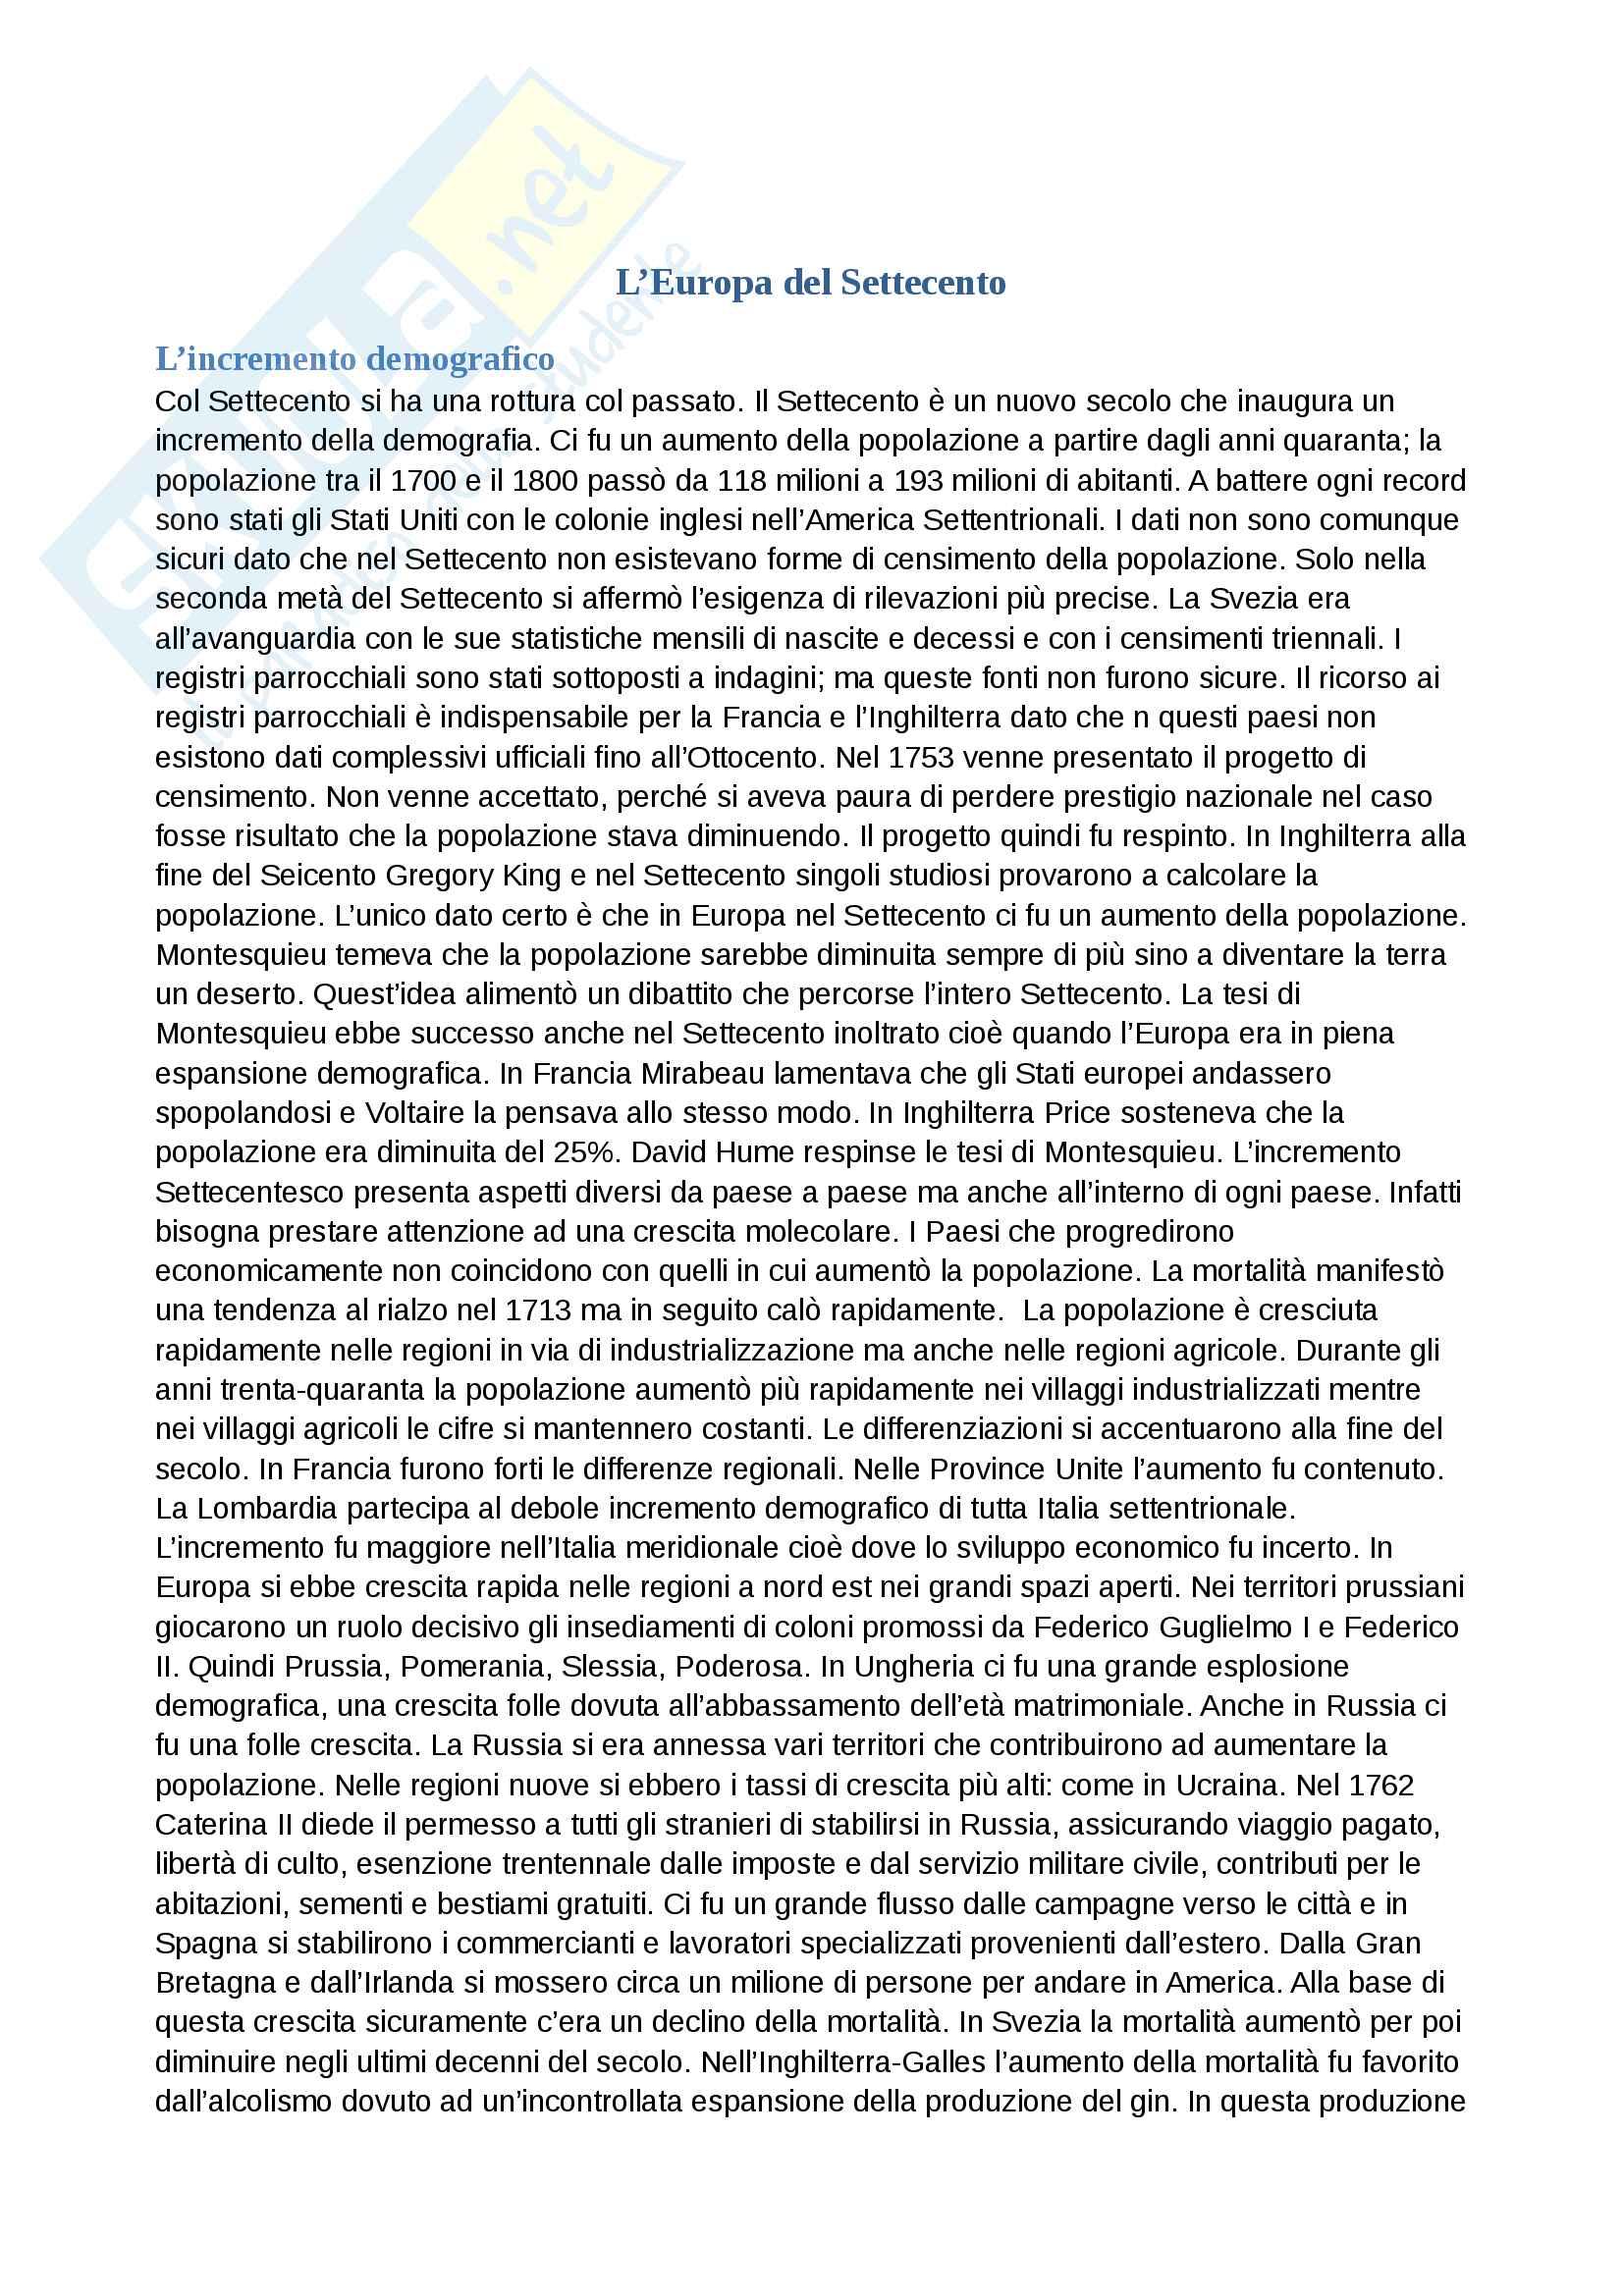 Riassunto esame storia moderna , prof Piero Sanna, libro consigliato L'Europa del 700, L.Guerci